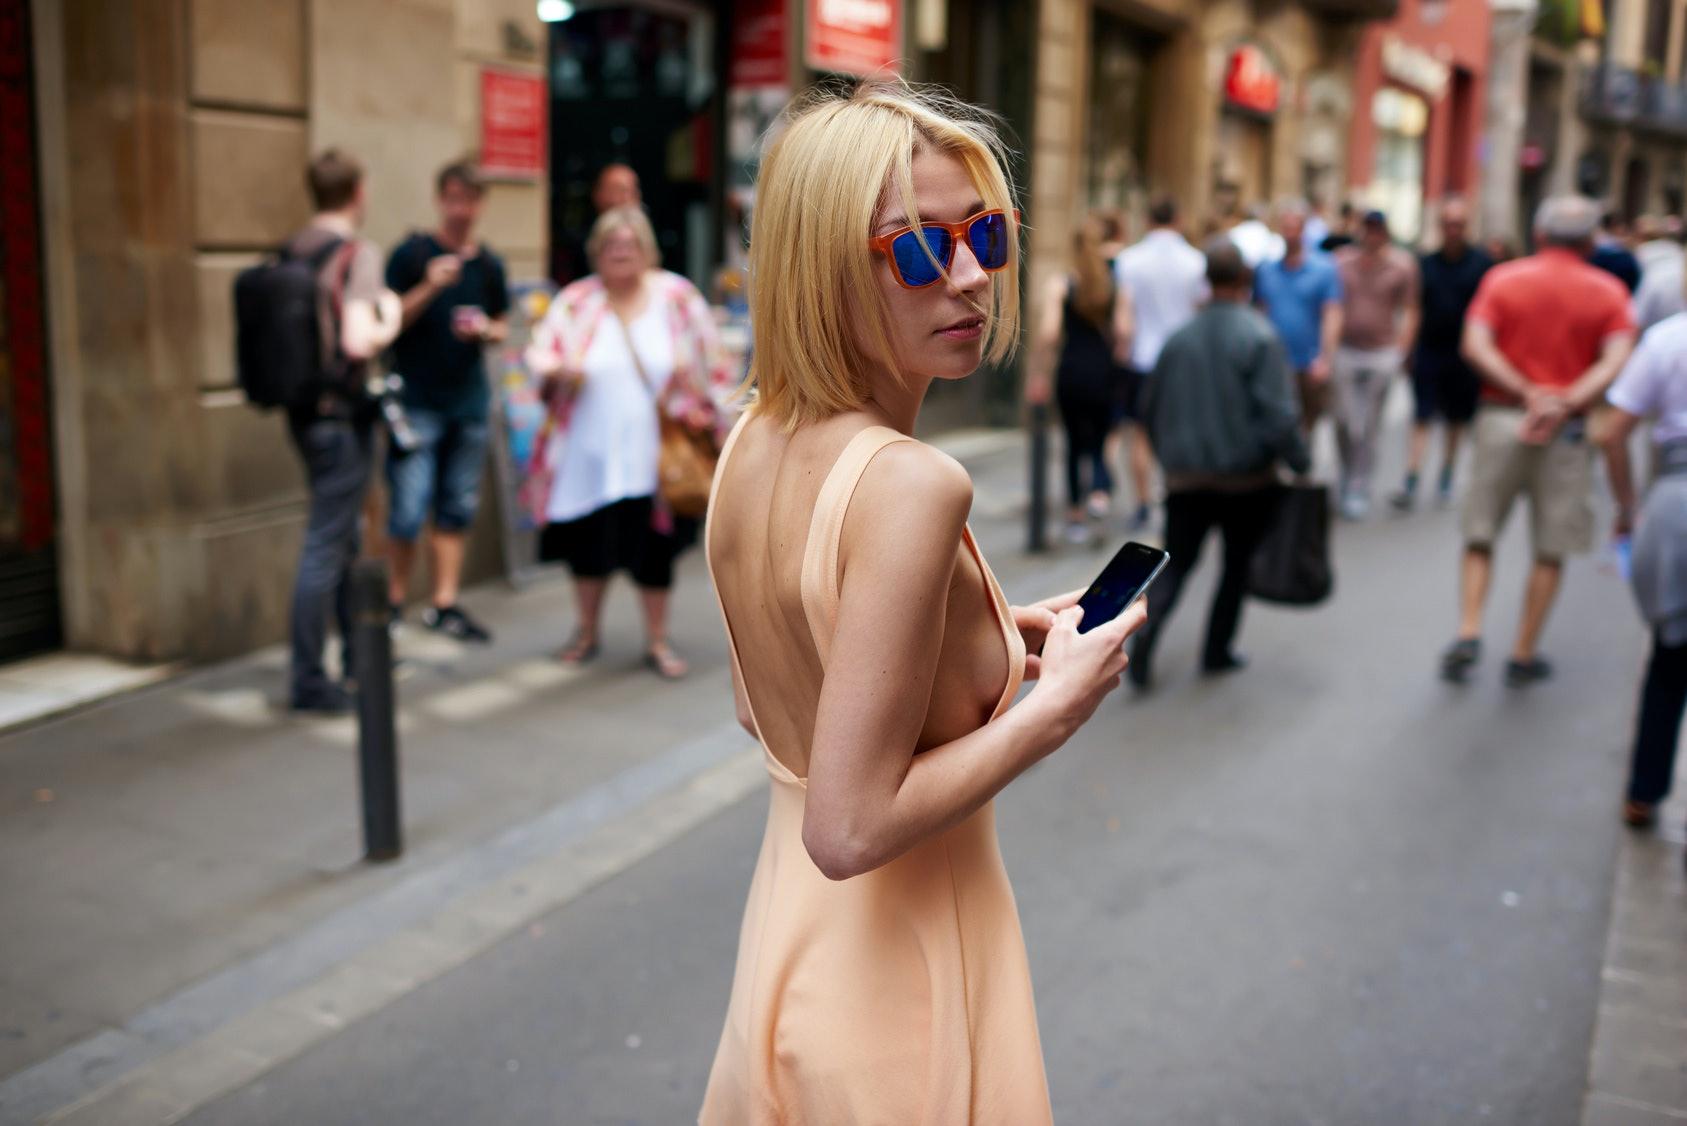 Vikki thomas boobs photo